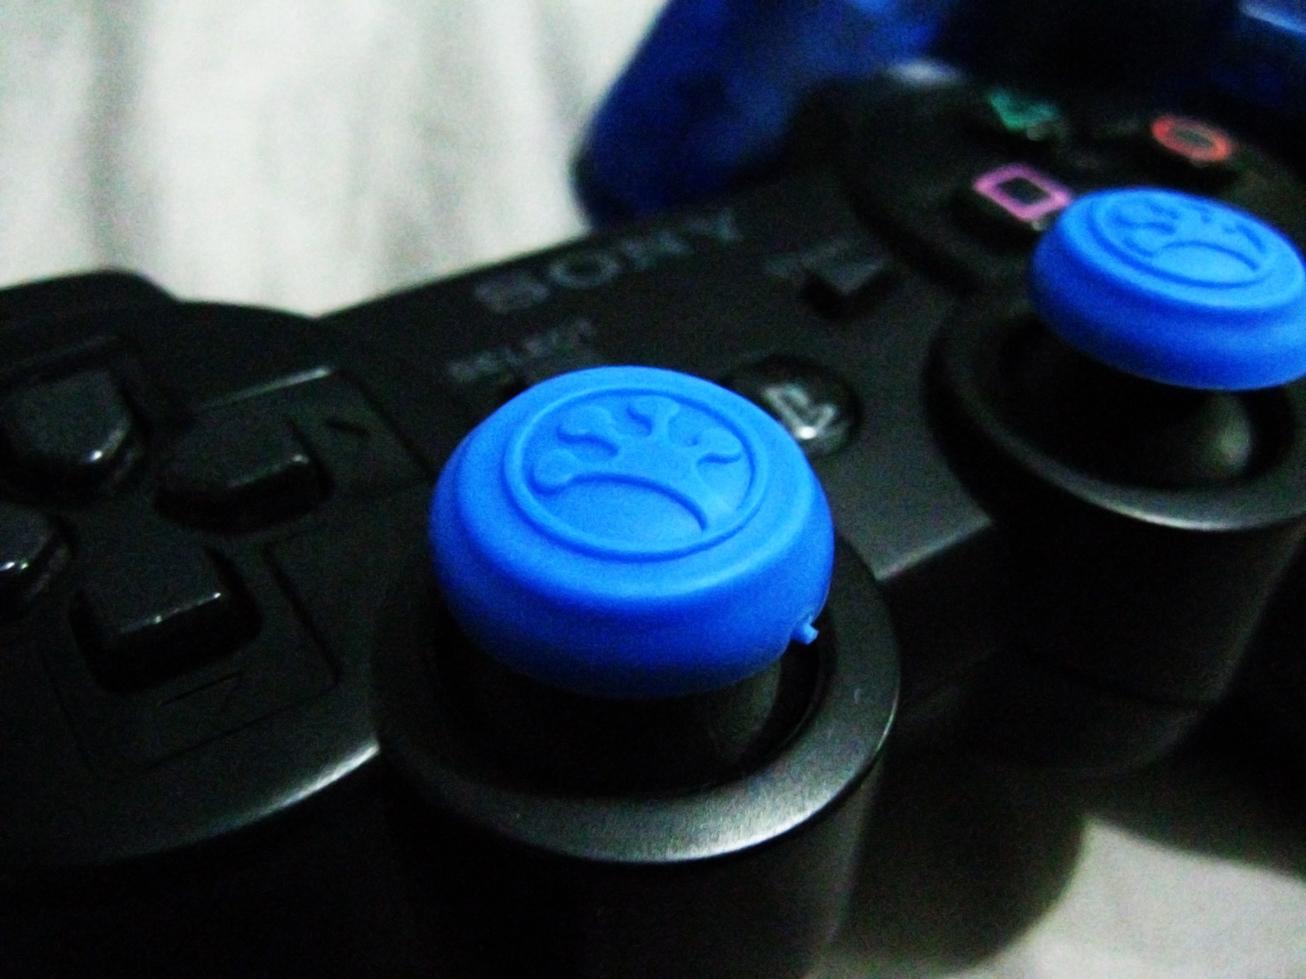 grip-it_03.jpg